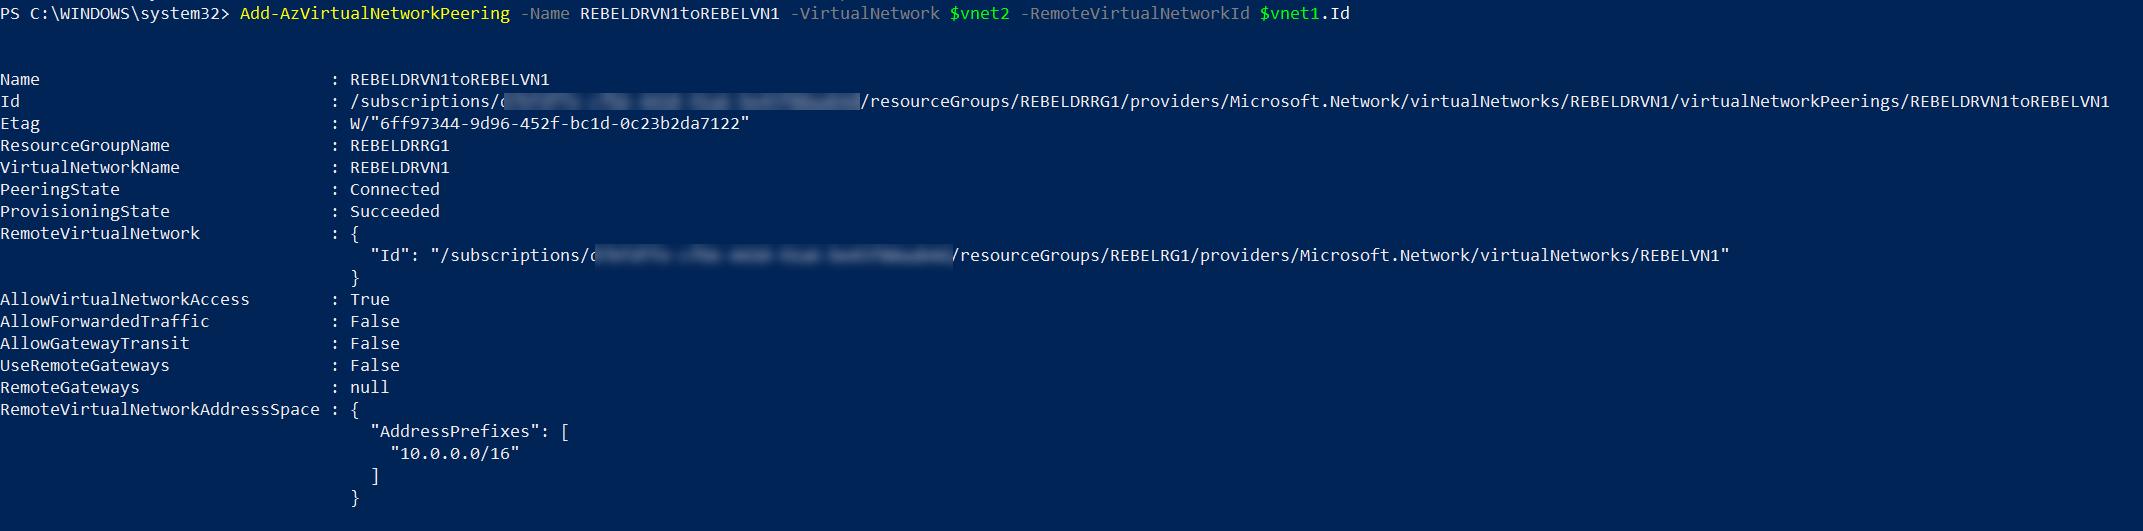 setup global vnet peering from REBELDRVN1 to REBELVN1